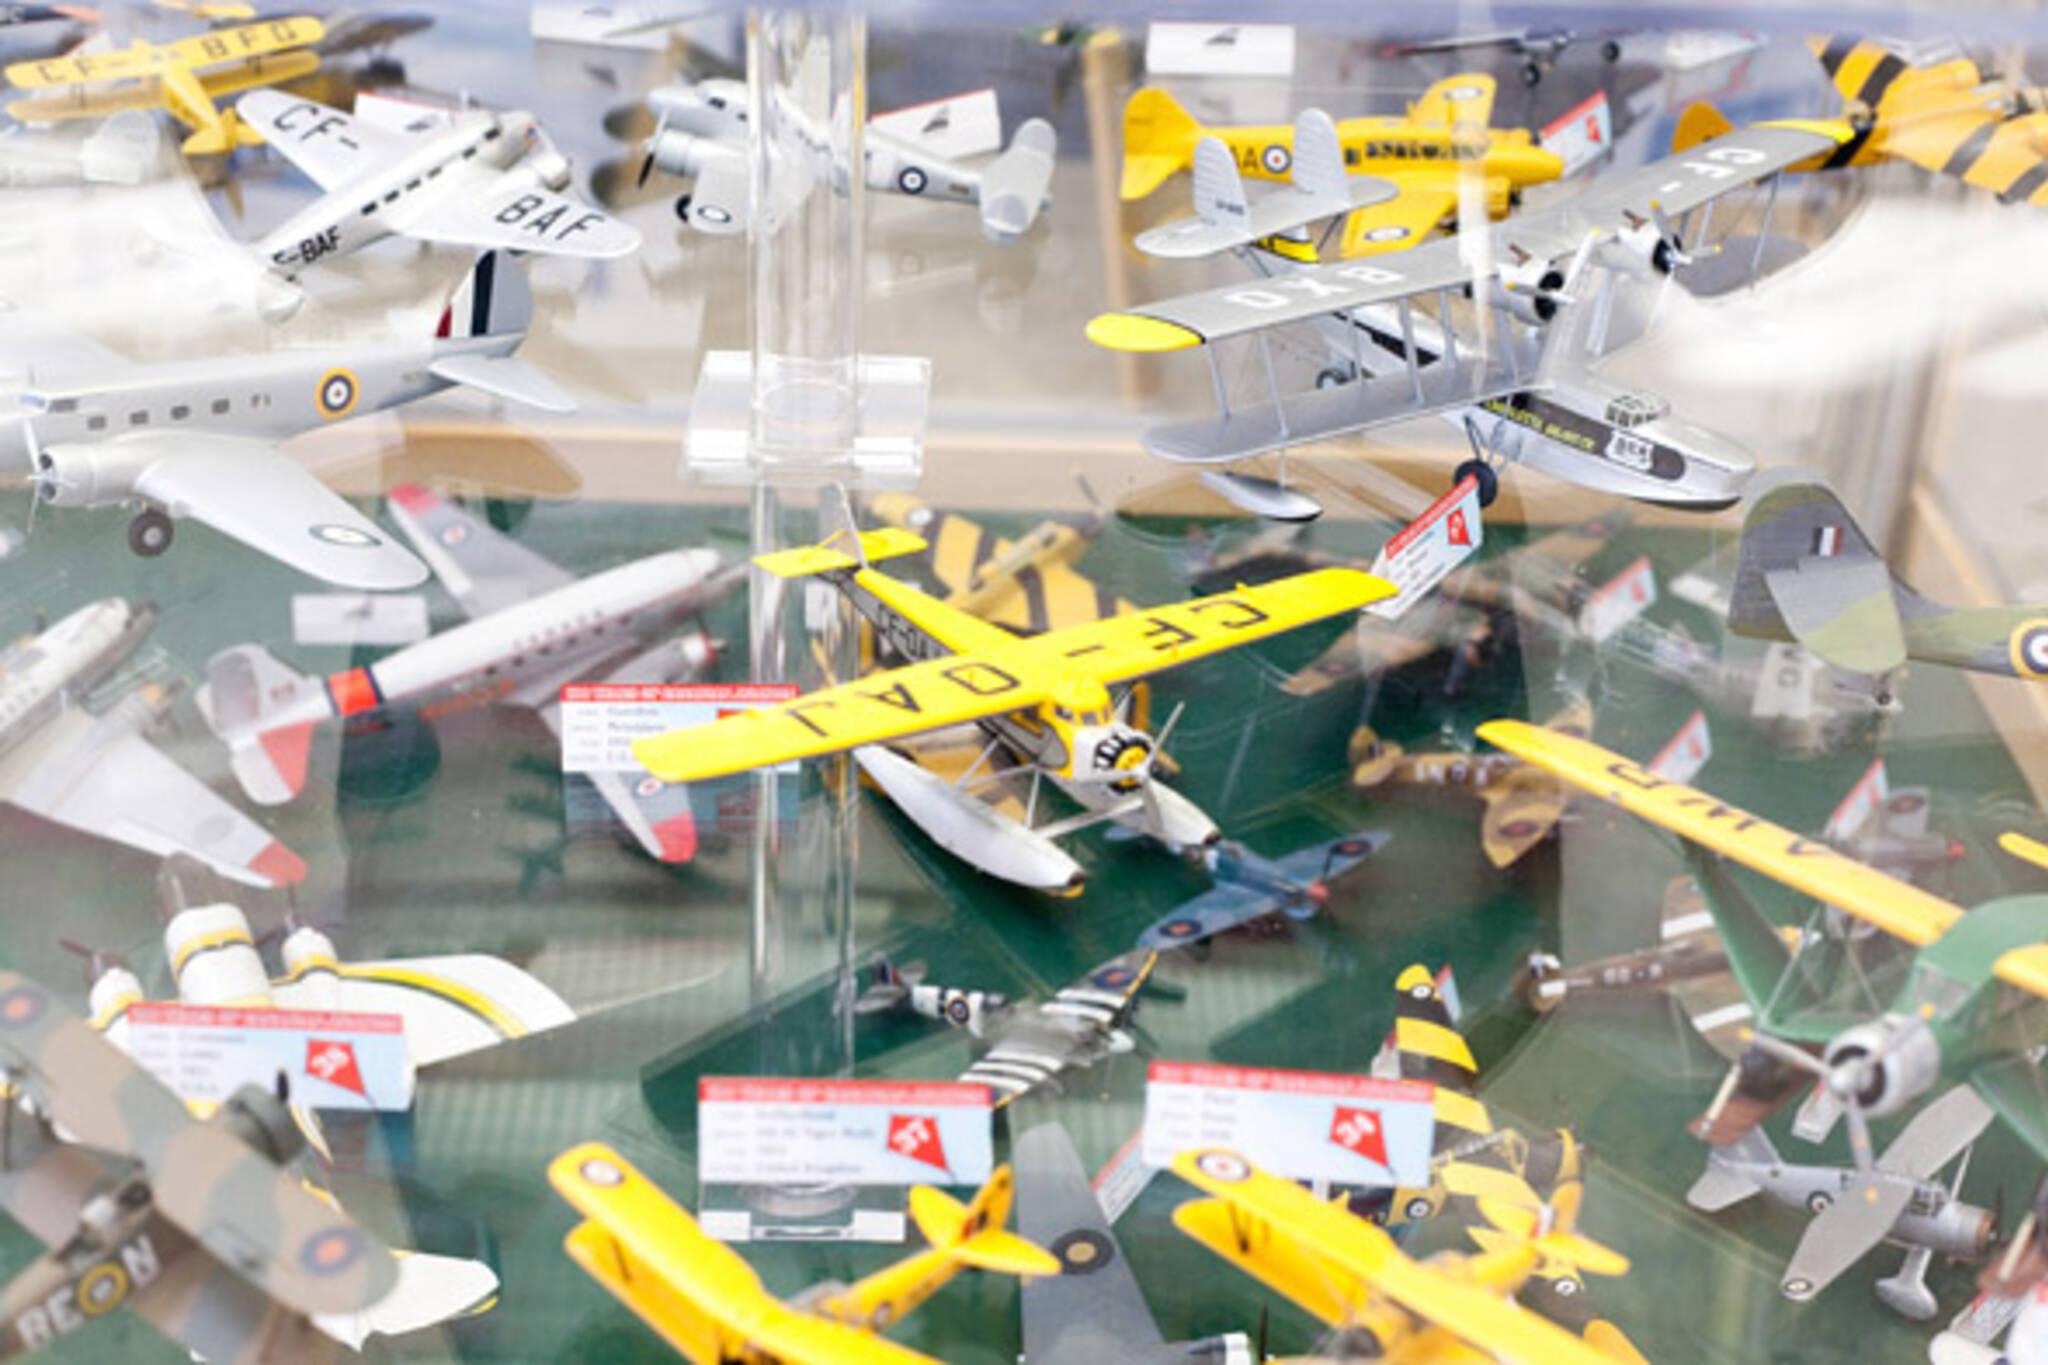 20091017-gtatripping-air-toys.jpg